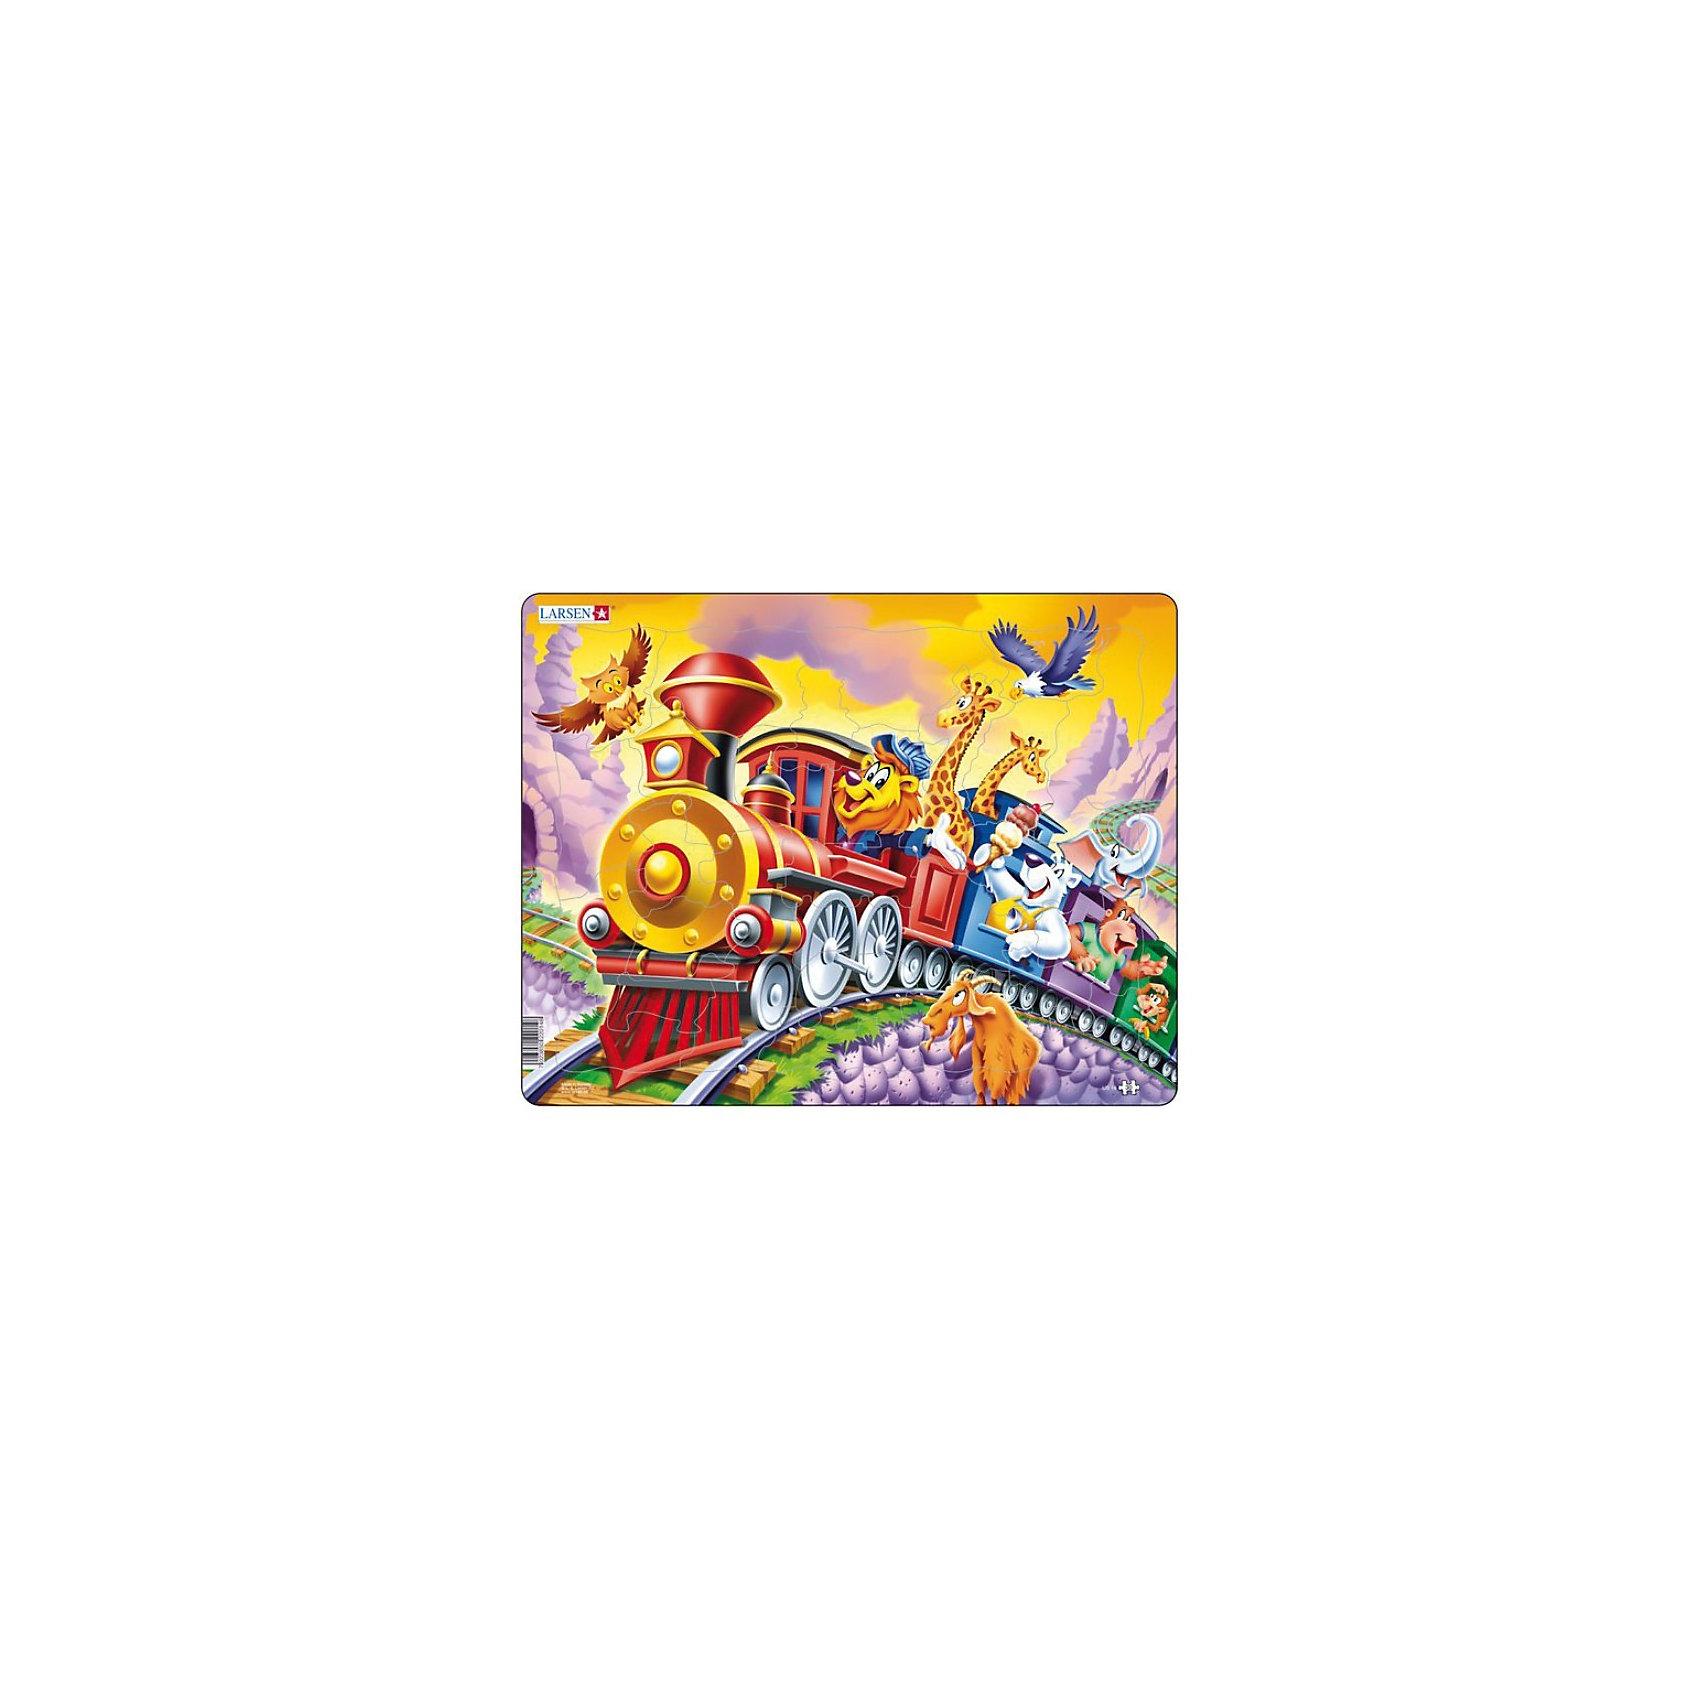 Пазл Поезд с цирком,  Larsen, 30 деталейПазлы для малышей<br>Пазл Поезд с цирком,  Larsen, 30 деталей — это красочный пазл с веселым сюжетом. По рельсам мчится красный паровоз с цирковыми животными. Изготовлен пазл из плотного трехслойного картона, имеет специальную подложку и рамку, которые облегчают процесс сборки. Принцип сборки пазла заключается в использовании принципа совместимости изображений и контуров пазла. Если малыш не сможет совместить детали пазла по рисунку, он сделает это по контуру пазла, вставив его в подложку как вкладыш. Высокое качество материала и печати не допускают износа, расслаивания, деформации деталей и стирания рисунка. Многообразие форм и разные размеры деталей пазла развивают мелкую моторику пальцев. Занятия по сборке пазла развивают образное и логическое мышление, пространственное воображение, память, внимание, координацию движений.<br><br>Дополнительная информация:<br><br>- Количество элементов: 30 деталей <br>- Материал: плотный трехслойный картон<br>- Размер пазла: 36,5 x 28,5 см.<br><br>Пазл Поезд с цирком,  Larsen (Ларсен), 30 деталей можно купить в нашем интернет-магазине.<br><br>Ширина мм: 360<br>Глубина мм: 360<br>Высота мм: 280<br>Вес г: 100<br>Возраст от месяцев: 36<br>Возраст до месяцев: 60<br>Пол: Унисекс<br>Возраст: Детский<br>Количество деталей: 30<br>SKU: 3610582